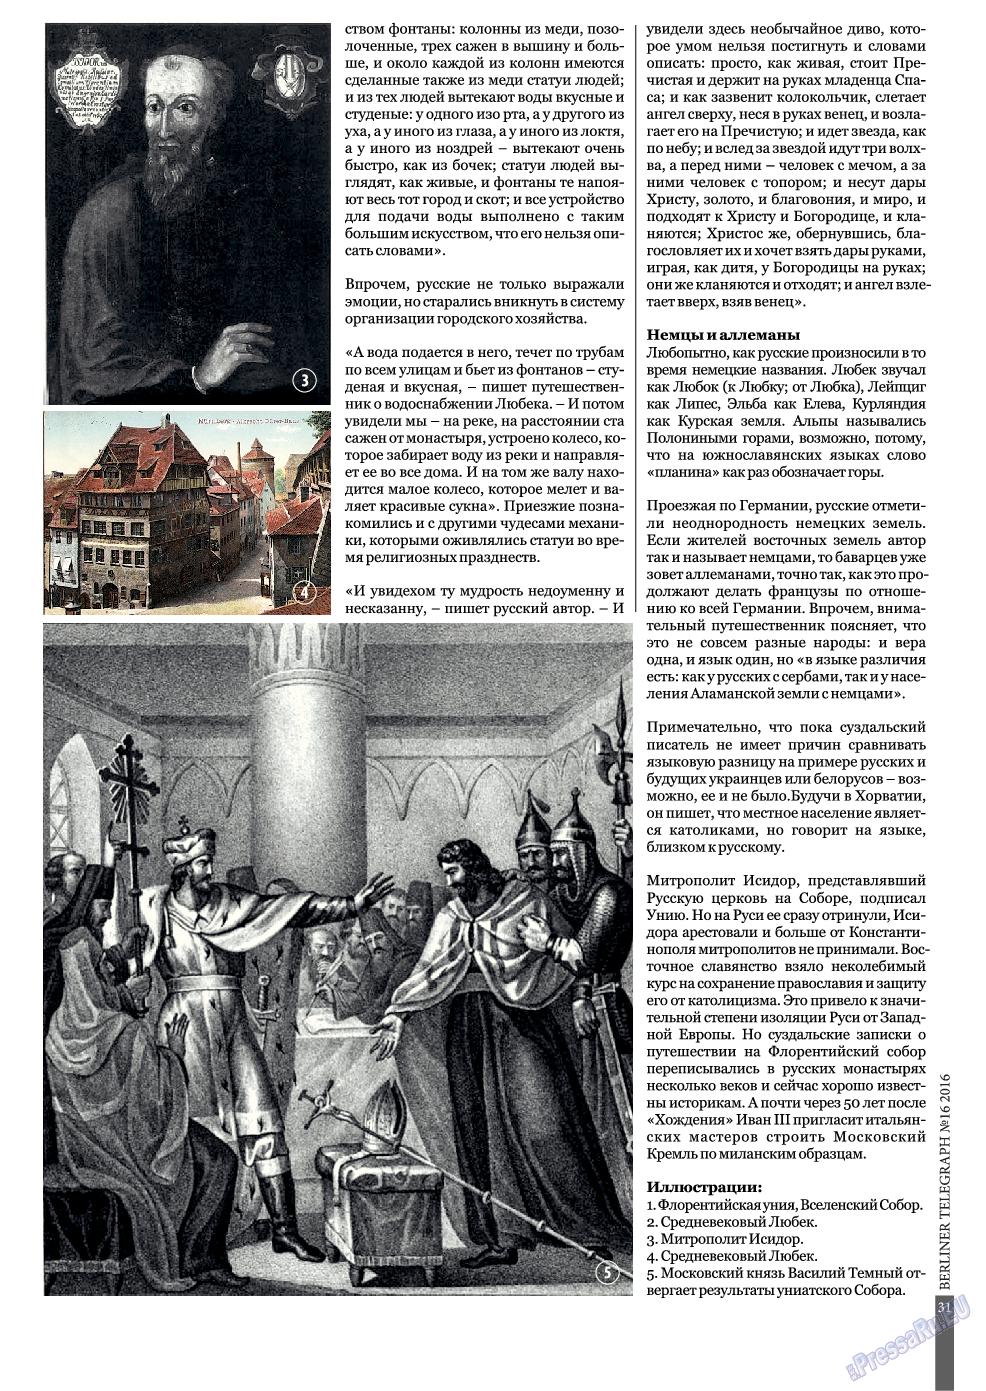 Берлинский телеграф (журнал). 2016 год, номер 16, стр. 31